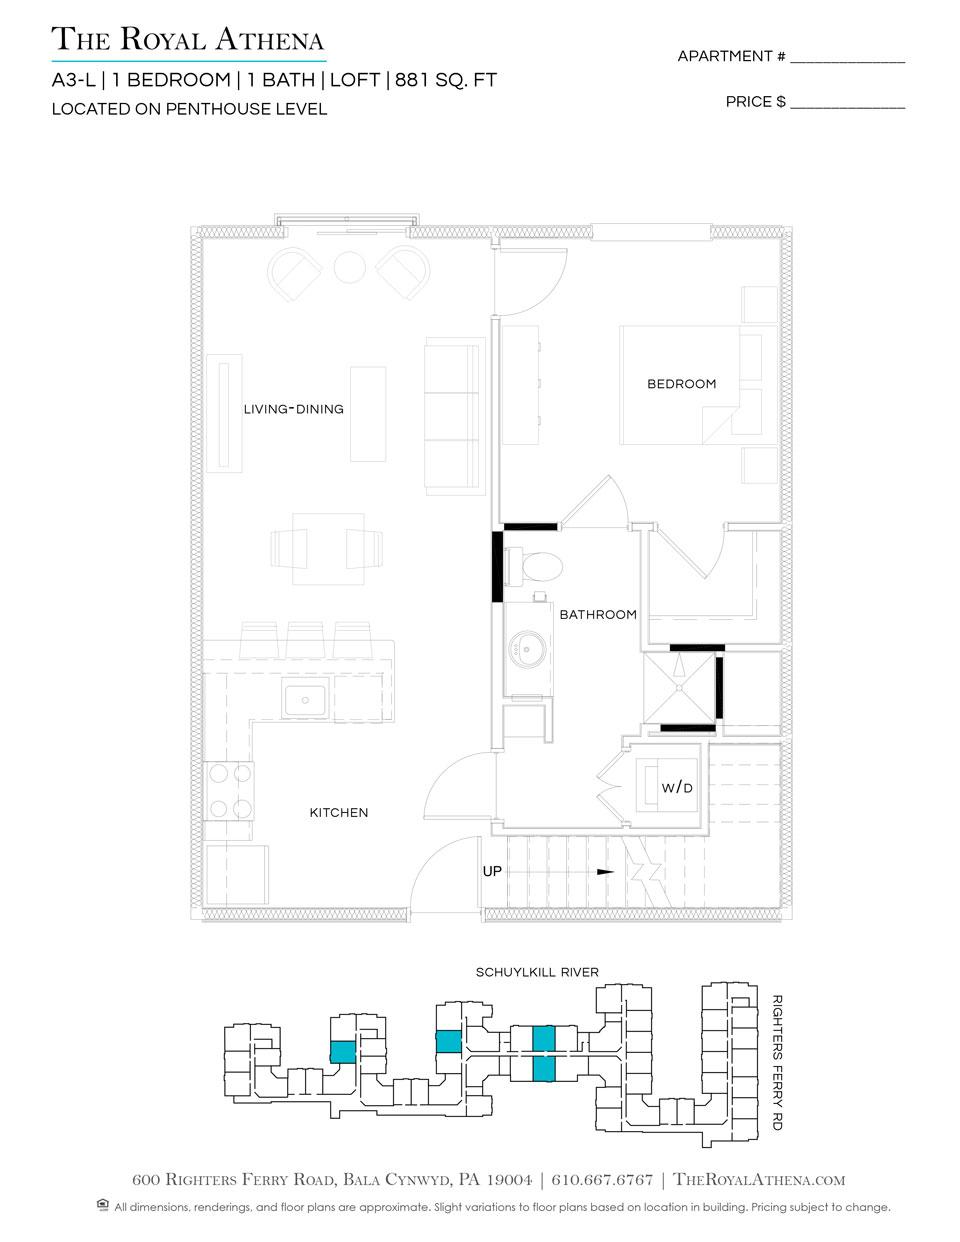 P0659218 a3 l 1 2 floorplan